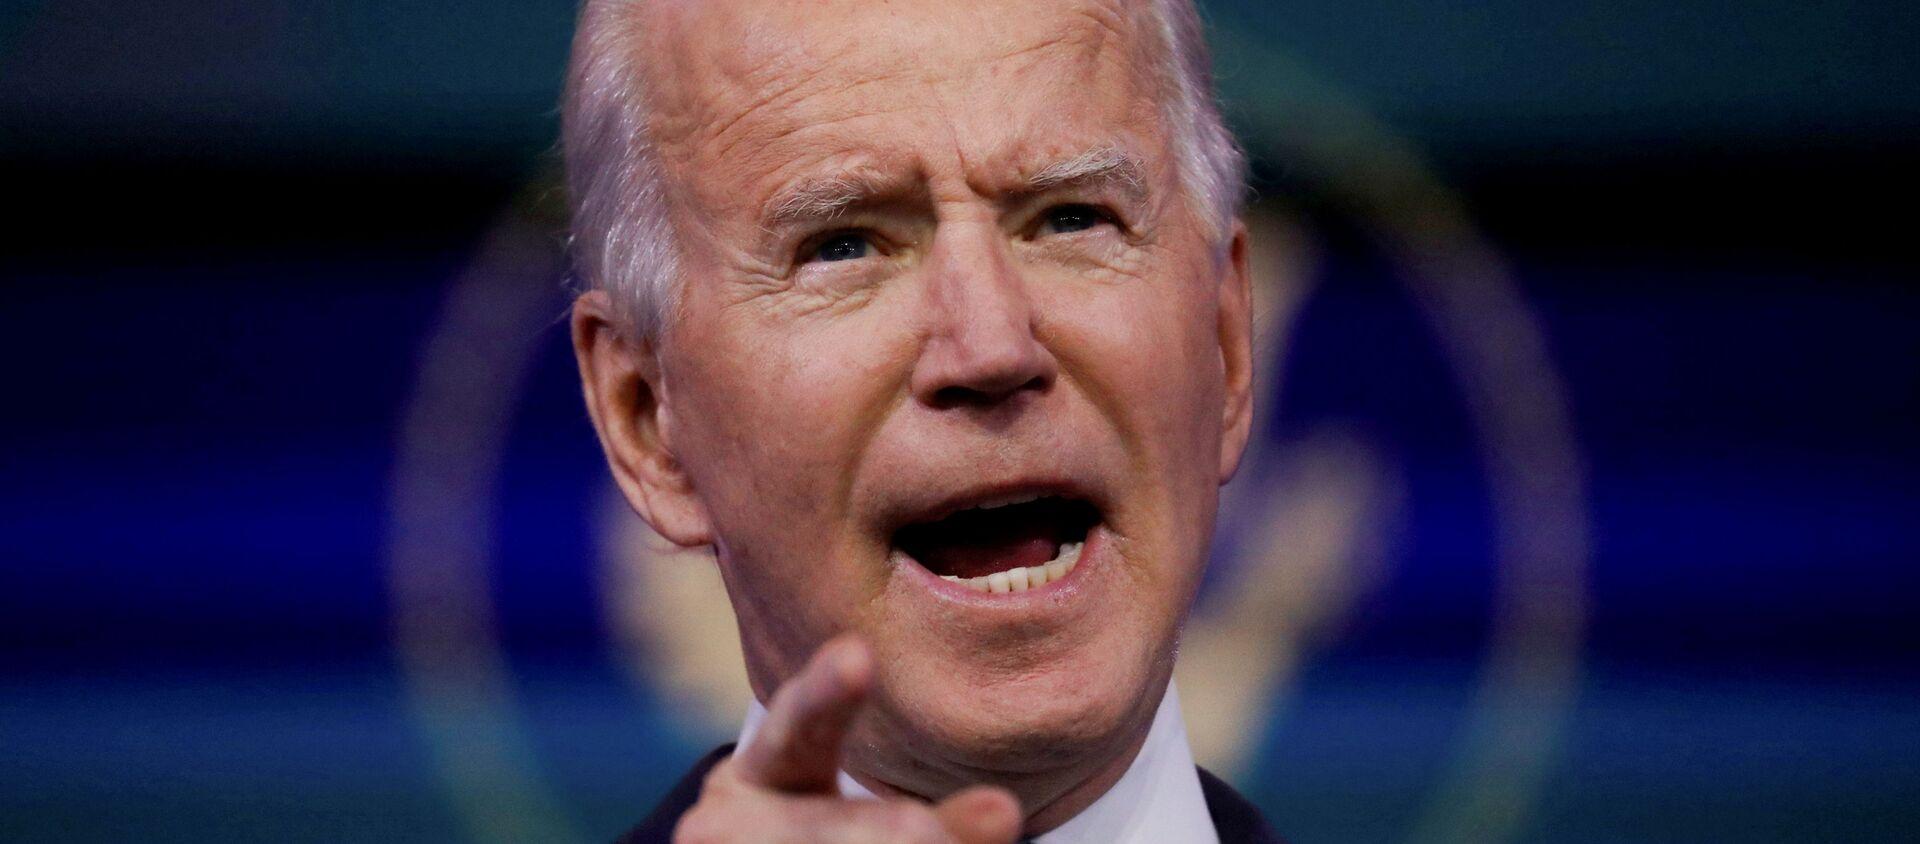 El presidente electo de EEUU, Joe Biden - Sputnik Mundo, 1920, 20.01.2021